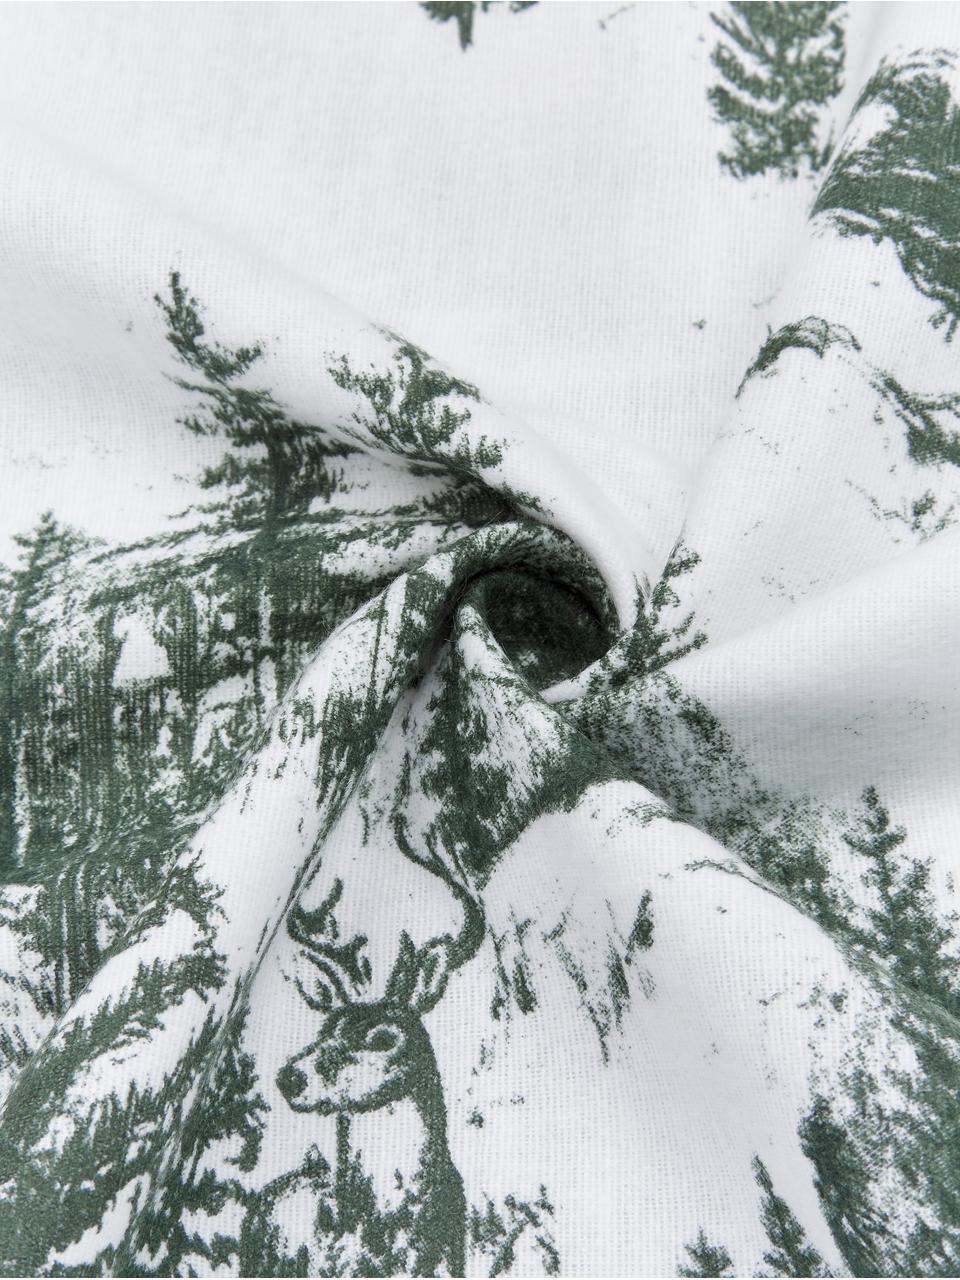 Flanell-Bettwäsche Nordic mit winterlichem Motiv, Webart: Flanell Flanell ist ein k, Grün, Weiß, 135 x 200 cm + 1 Kissen 80 x 80 cm